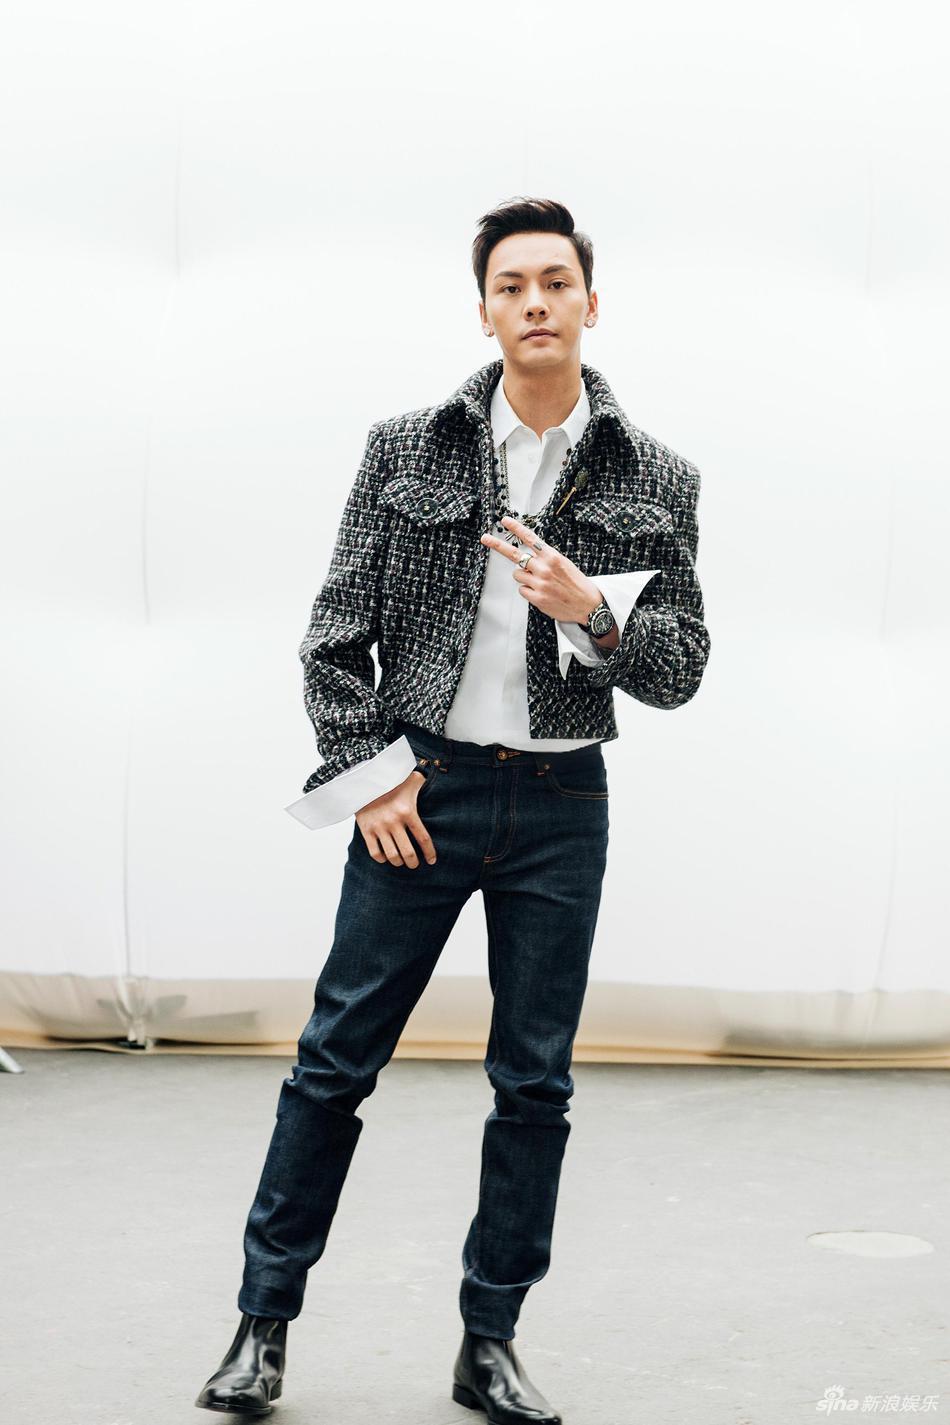 陳偉霆近年在大陸大受歡迎,是女性影迷心目中的男神。圖/摘自新浪娛樂